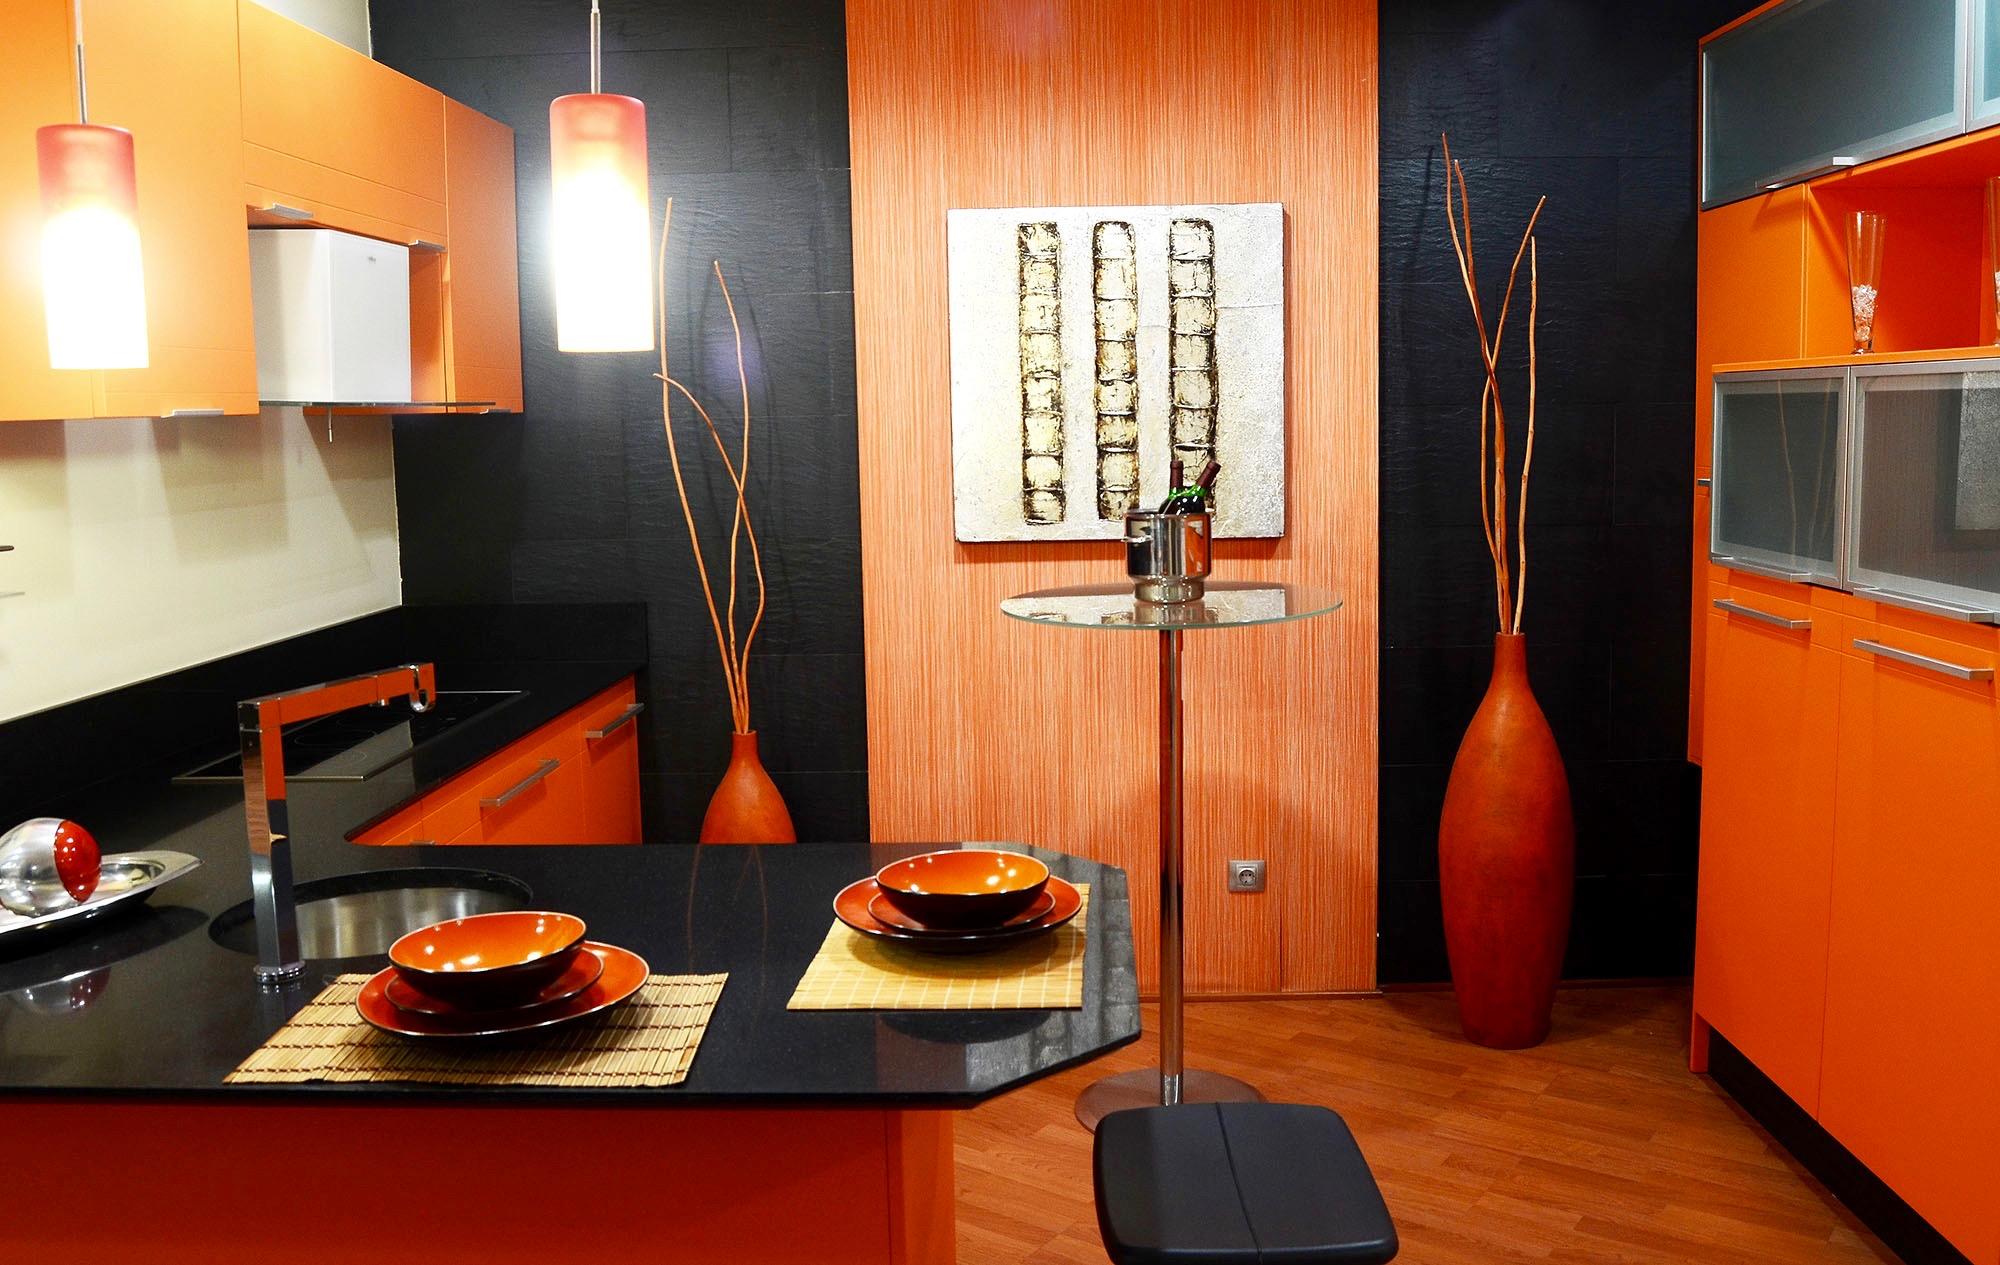 Nuestras cocinas quality11 josman hermanos tienda de for Cocinas santander